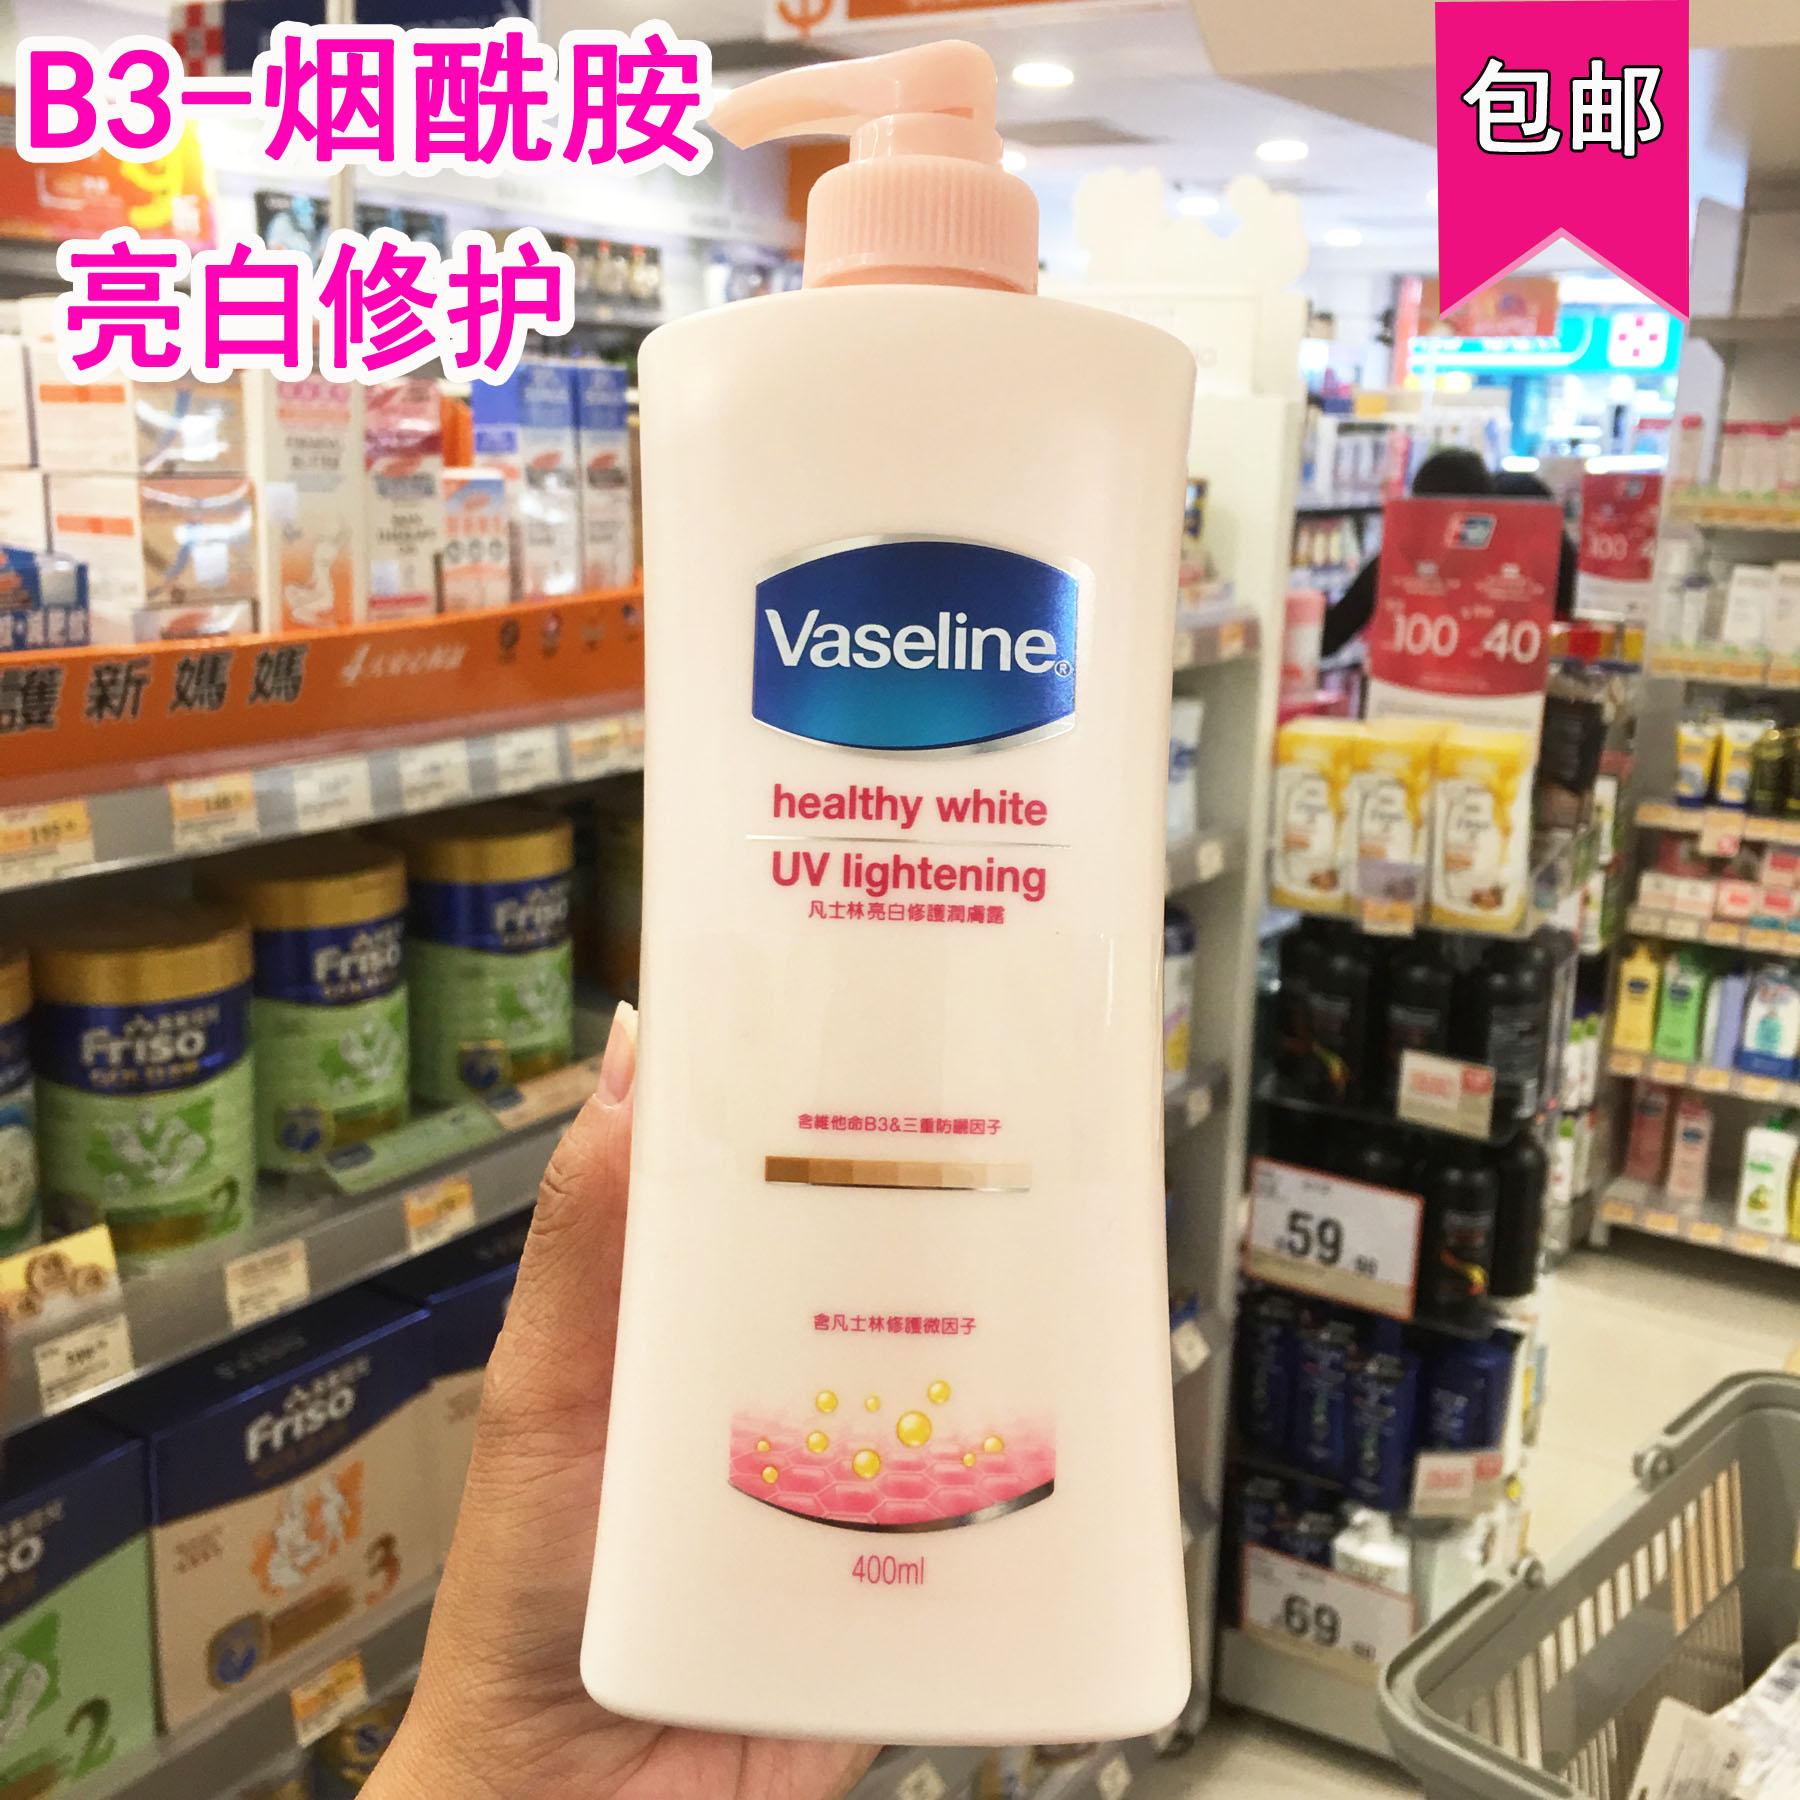 原裝進口 凡士林亮白修護潤膚露/身體乳400ML/120ML B3煙醯胺嫩白